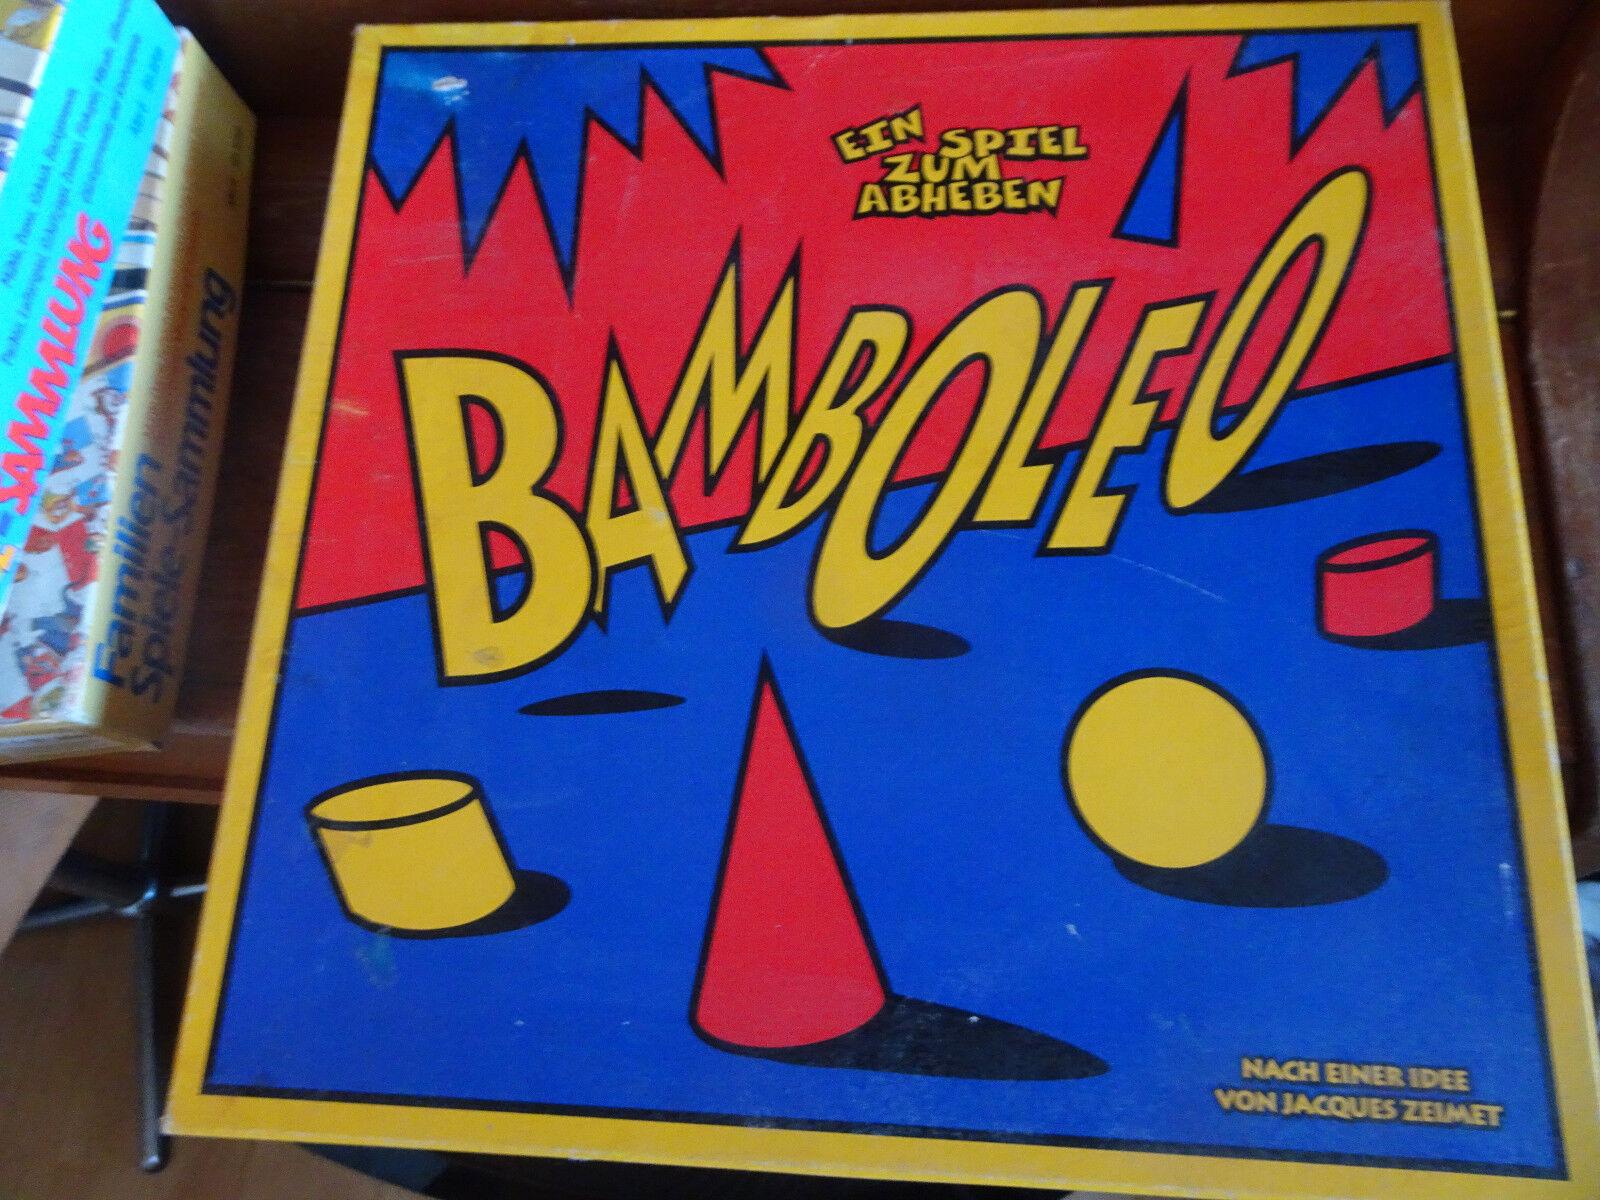 Bamboleo Holz Kippelspiel Balance von Zoch 1996 groß schwer hochwertig